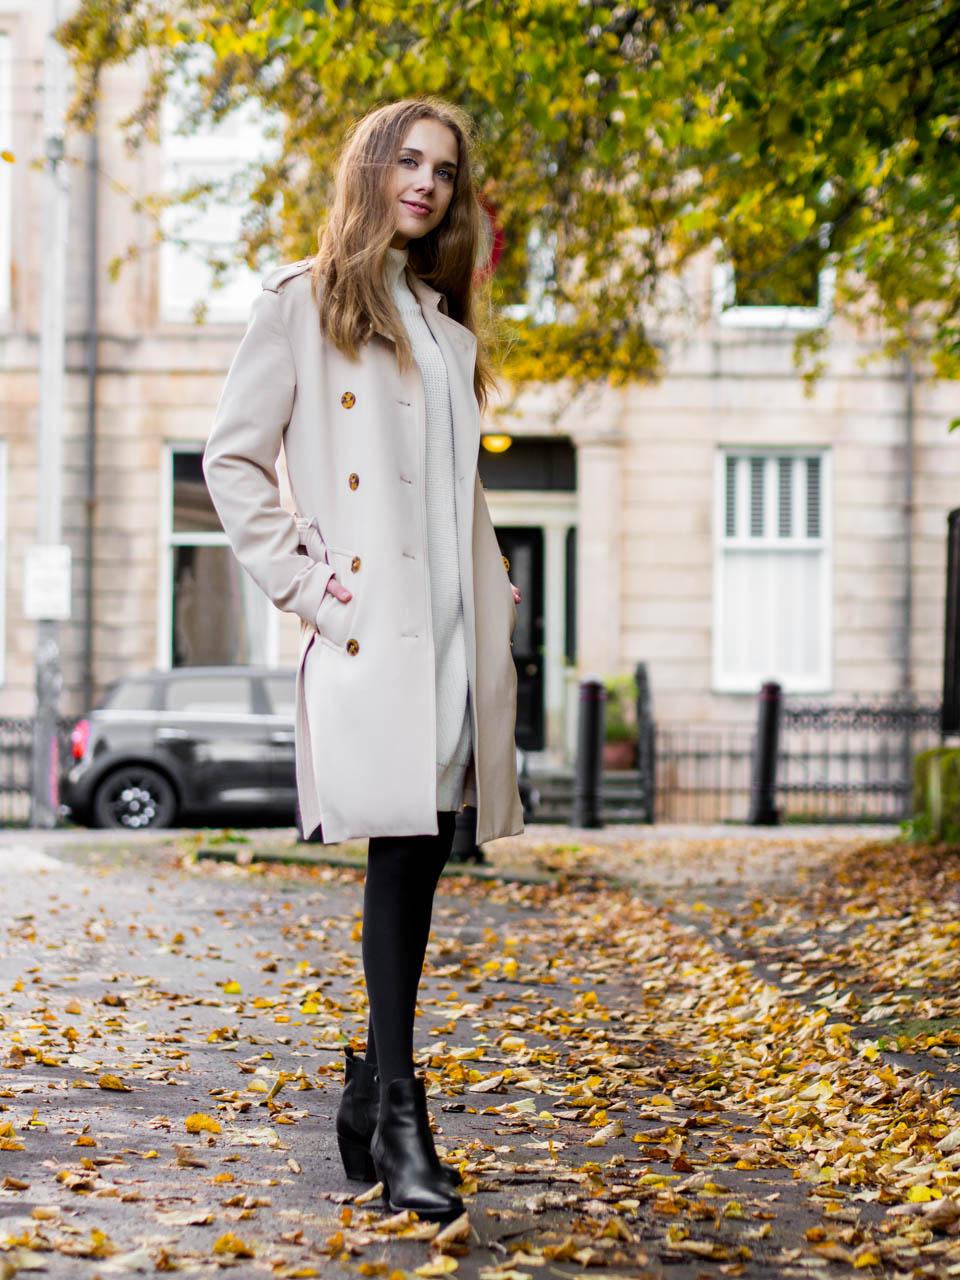 Autumn outfit with white jumper dress, trench coat and ankle boots - Syysasu valkoisen neulemekon, trenssitakin ja nilkkureiden kanssa